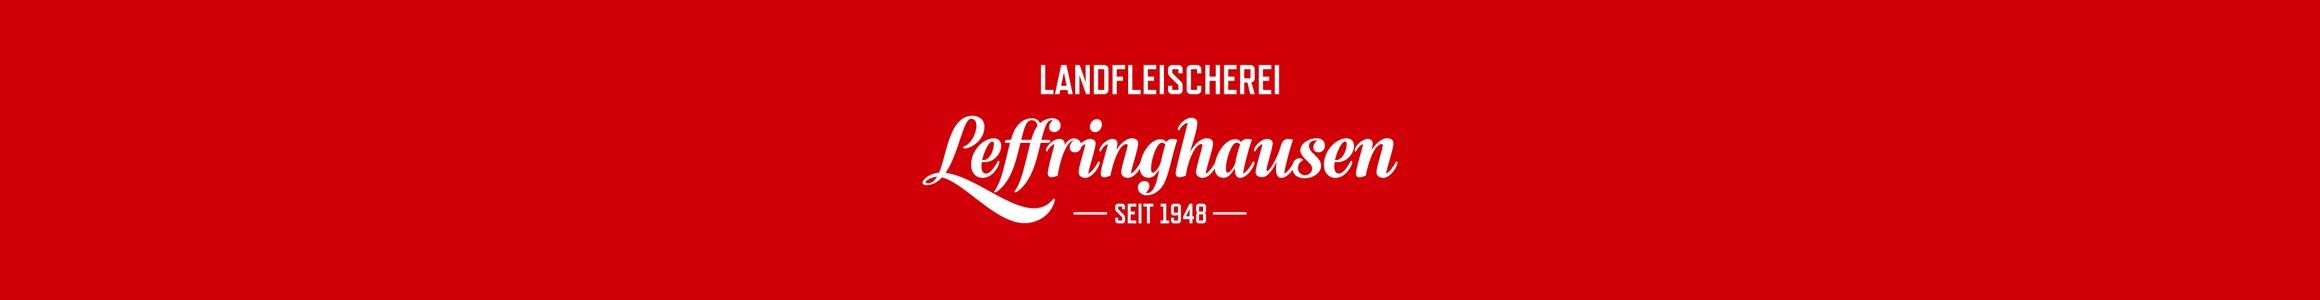 leffringhausen_landfleischerei_logo